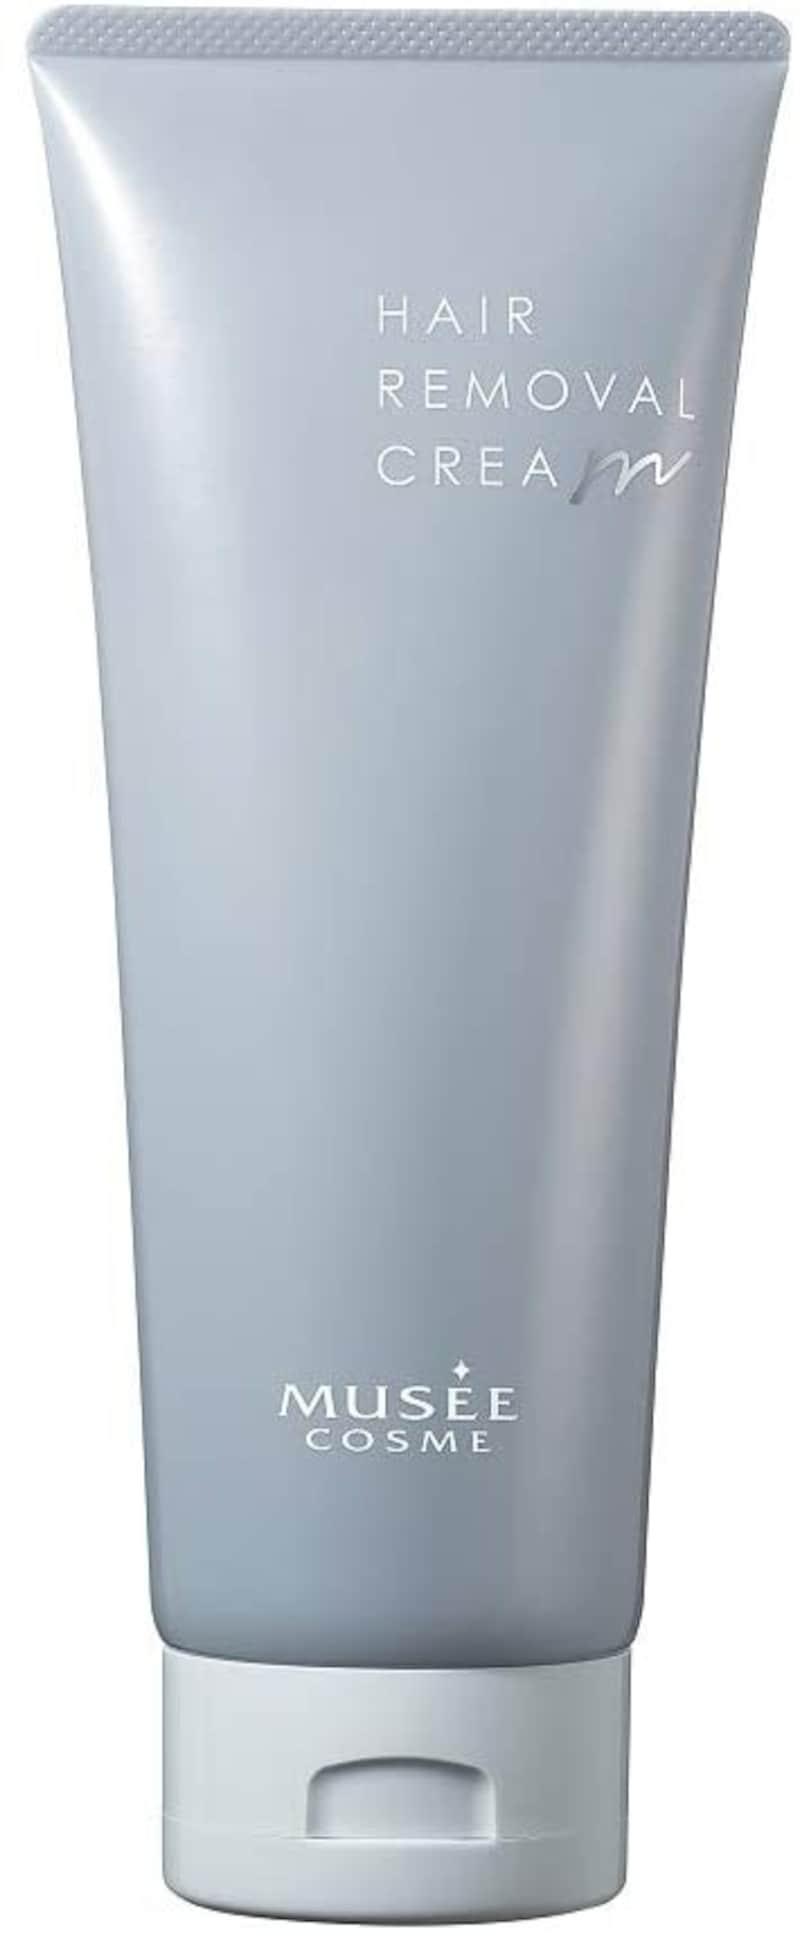 MUSE(ミュゼ),ミュゼコスメ 薬用ヘアリムーバルクリーム